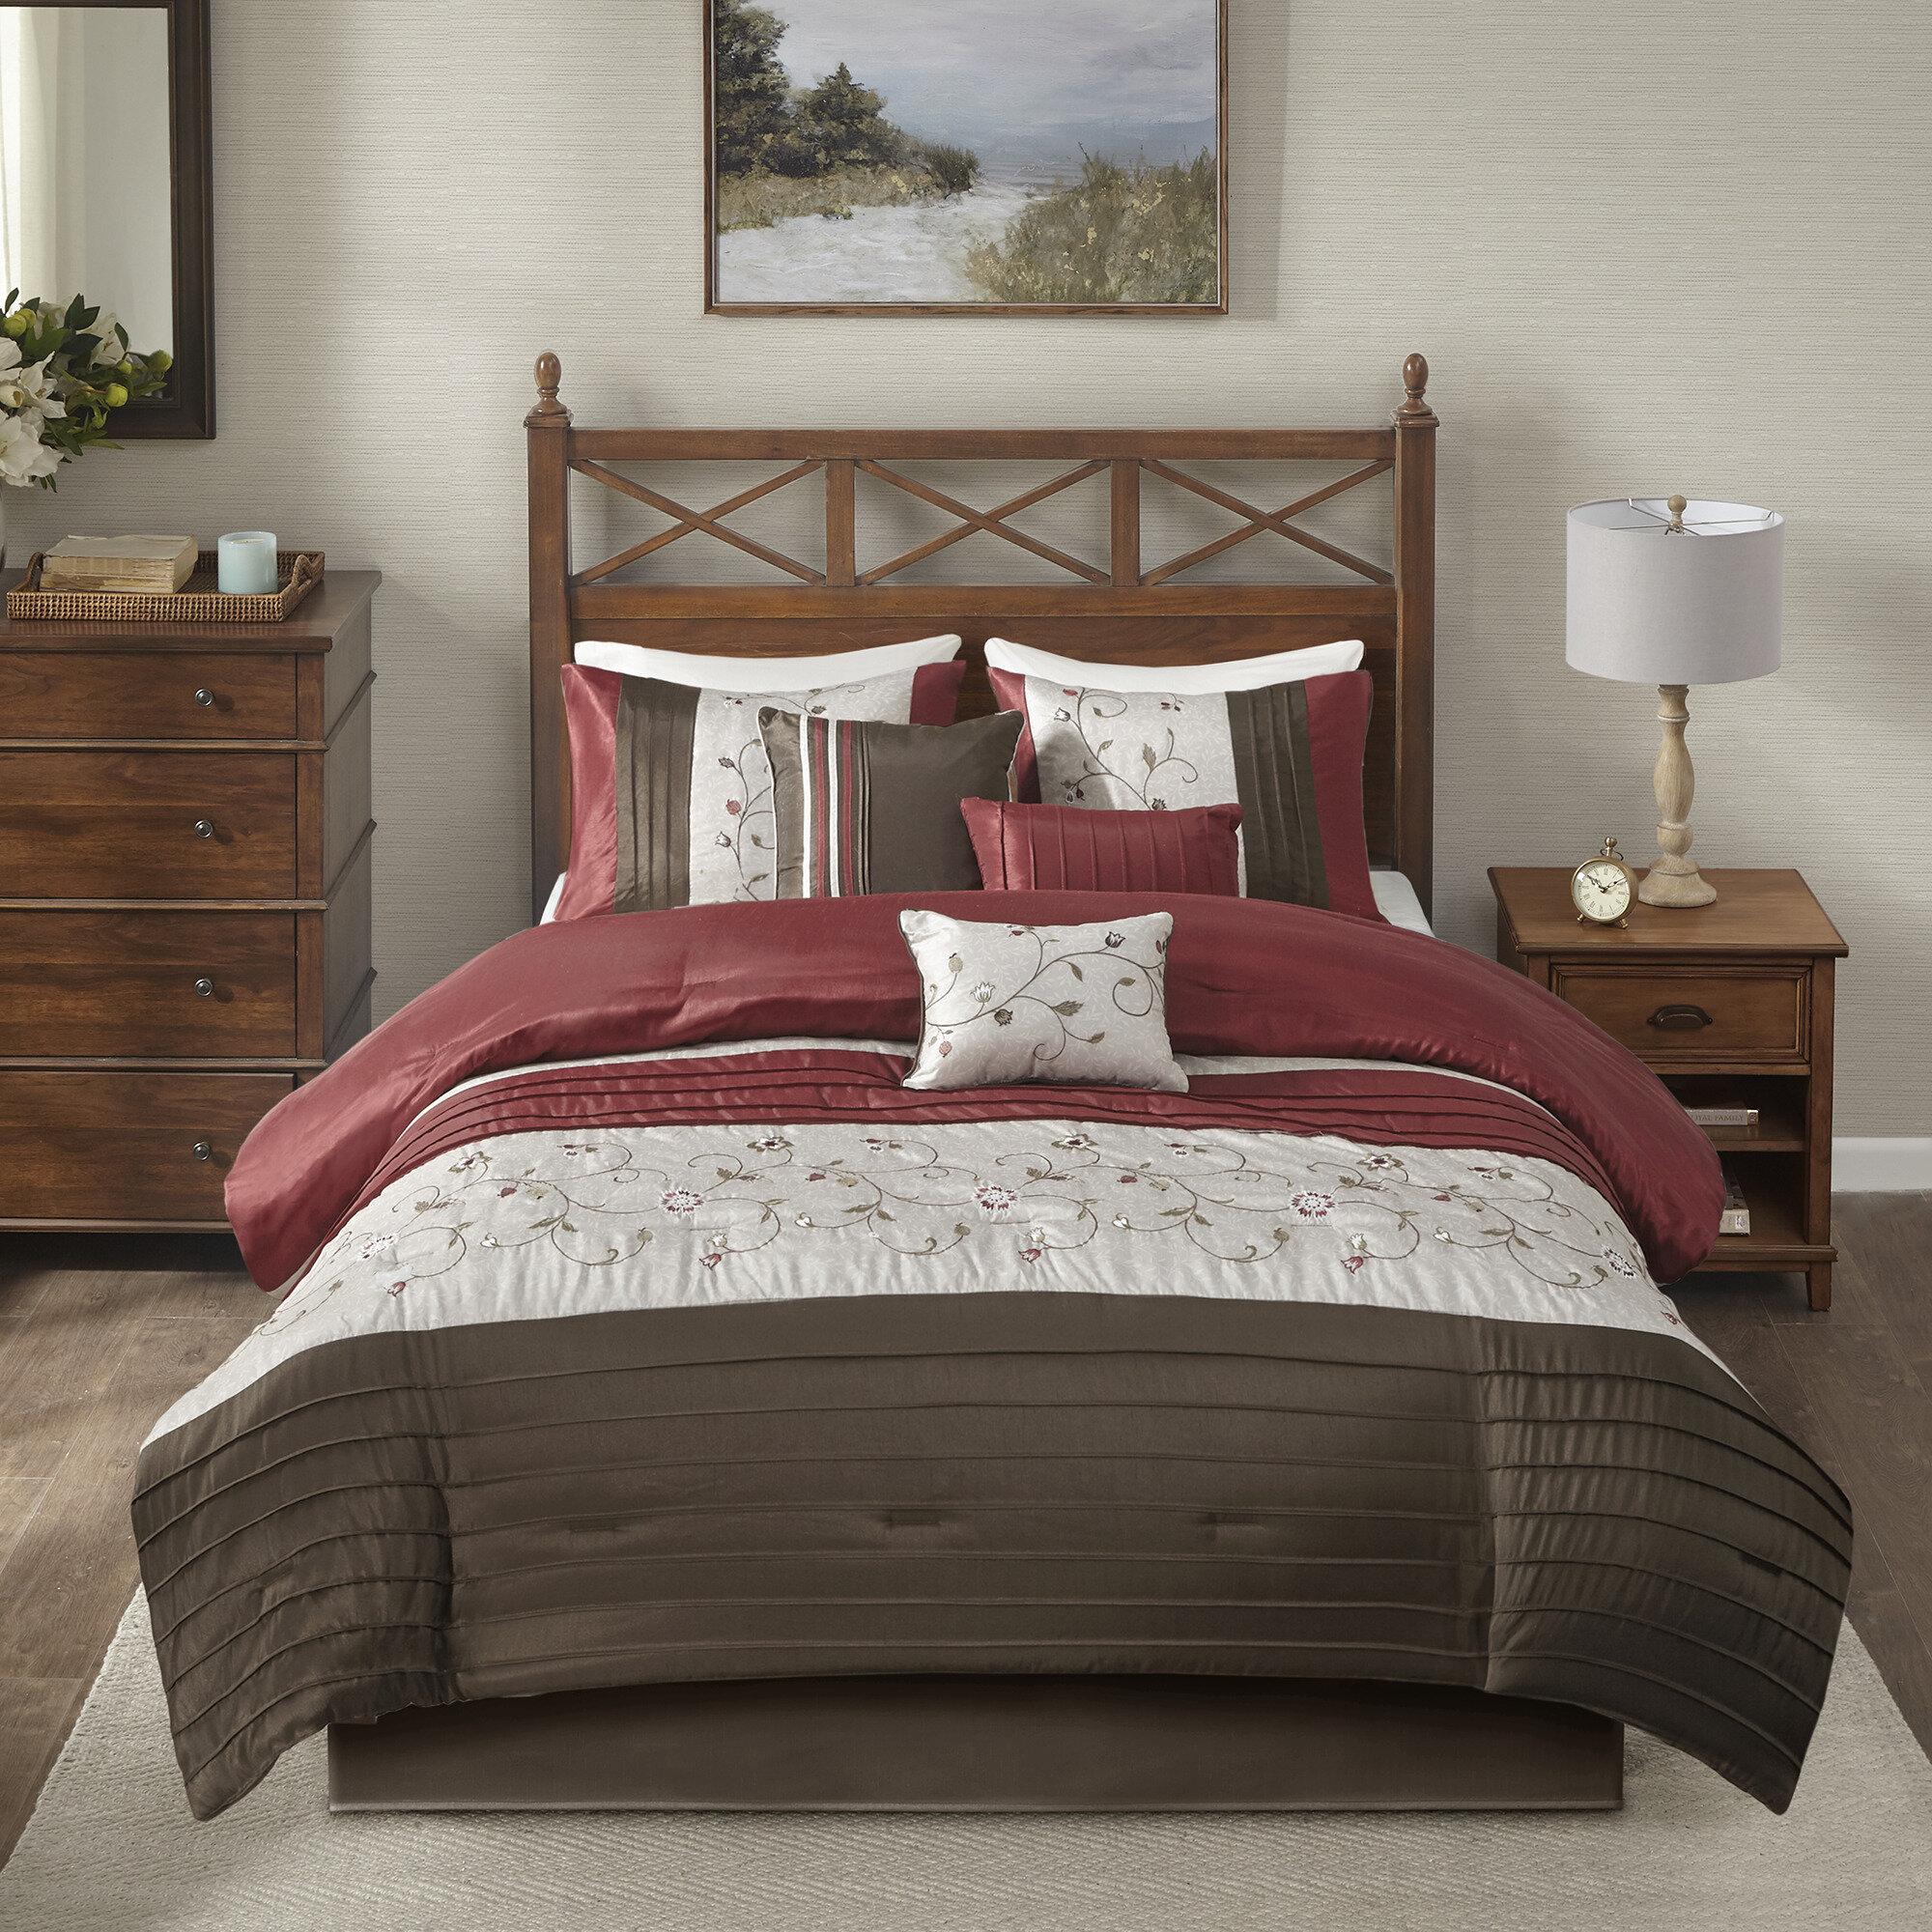 Queen Red Comforters Sets You Ll Love In 2021 Wayfair